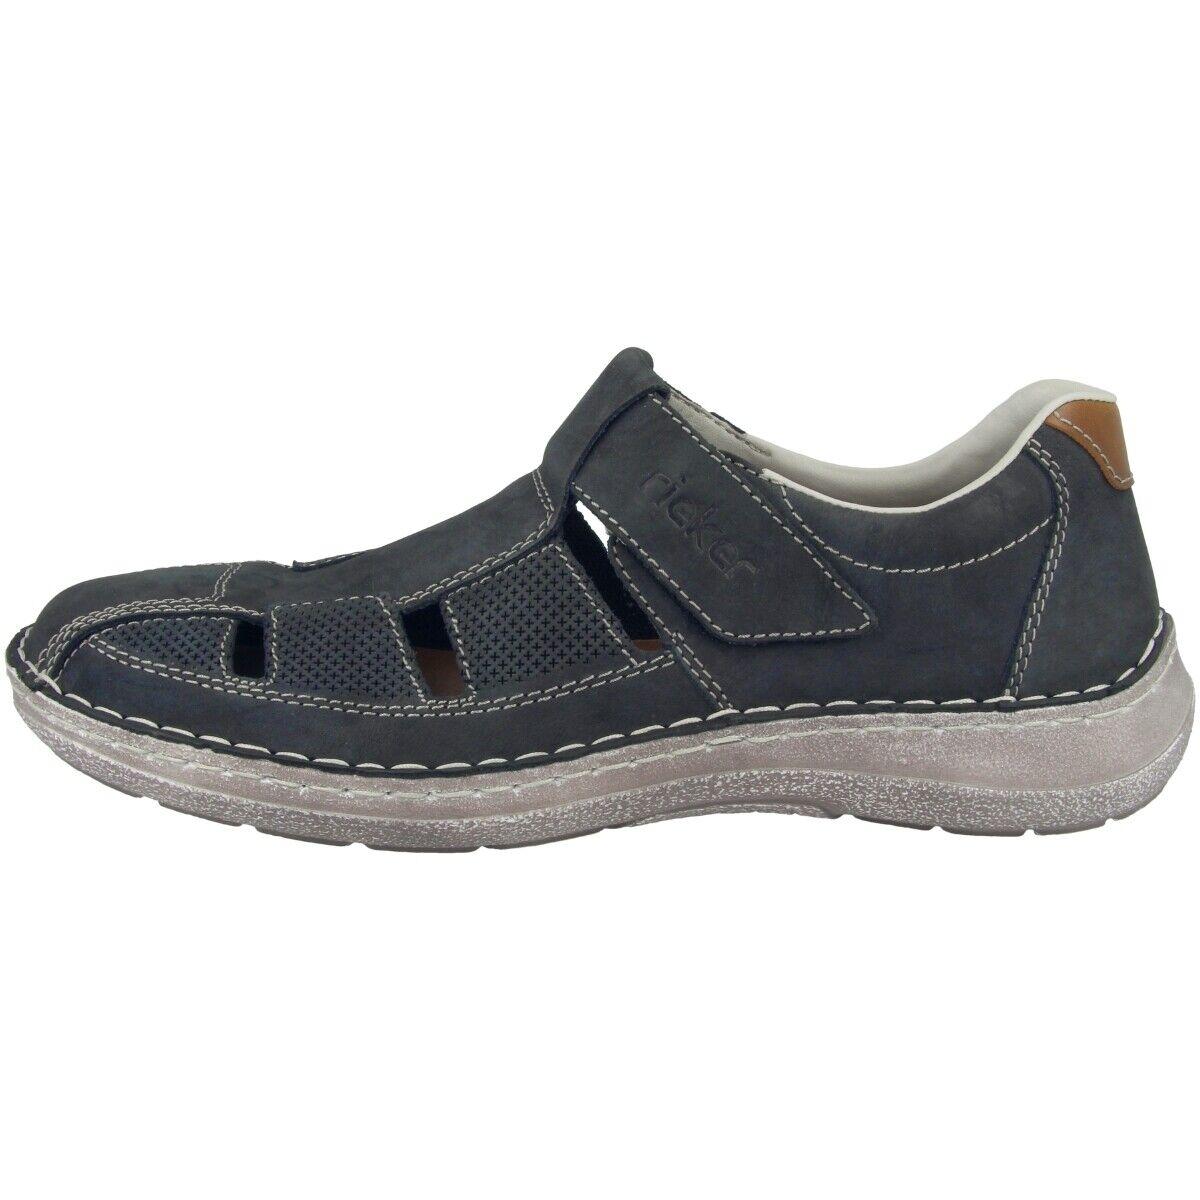 Rieker Jaipur-Bakersfield zapatos caballero Men ocio zapato bajo mocasines 03065-14